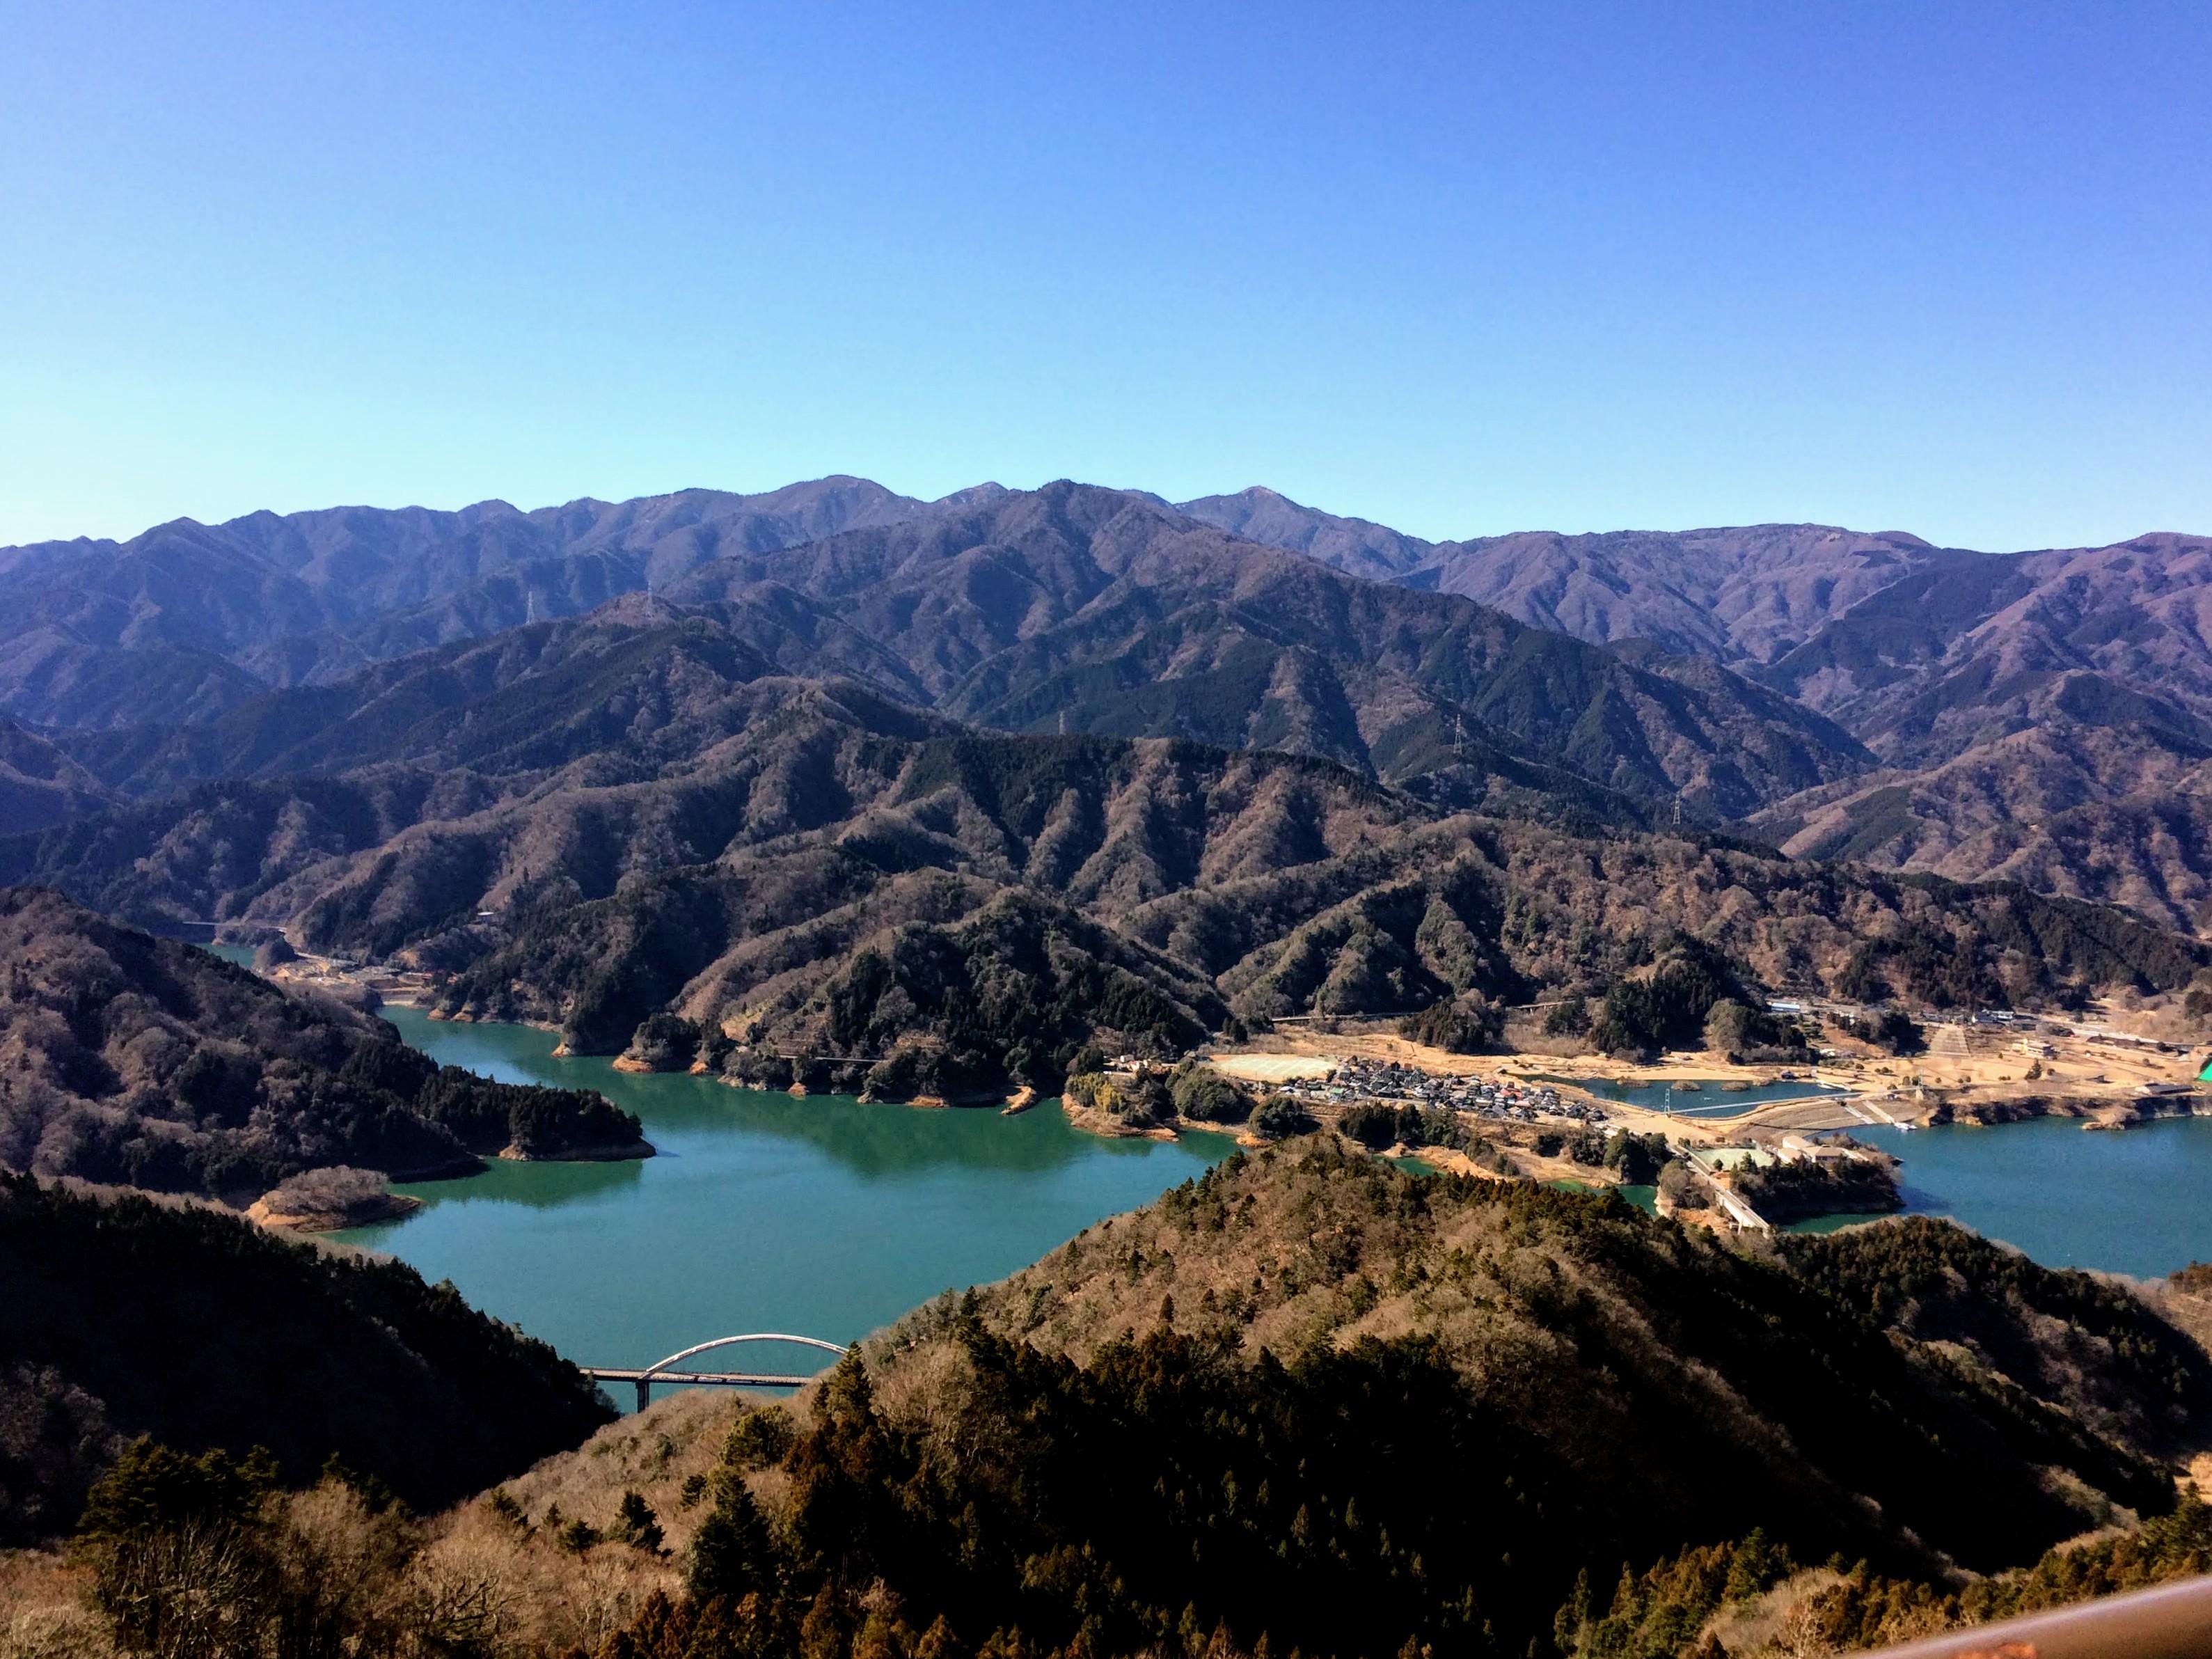 仏果山からの宮ヶ瀬湖、丹沢山地